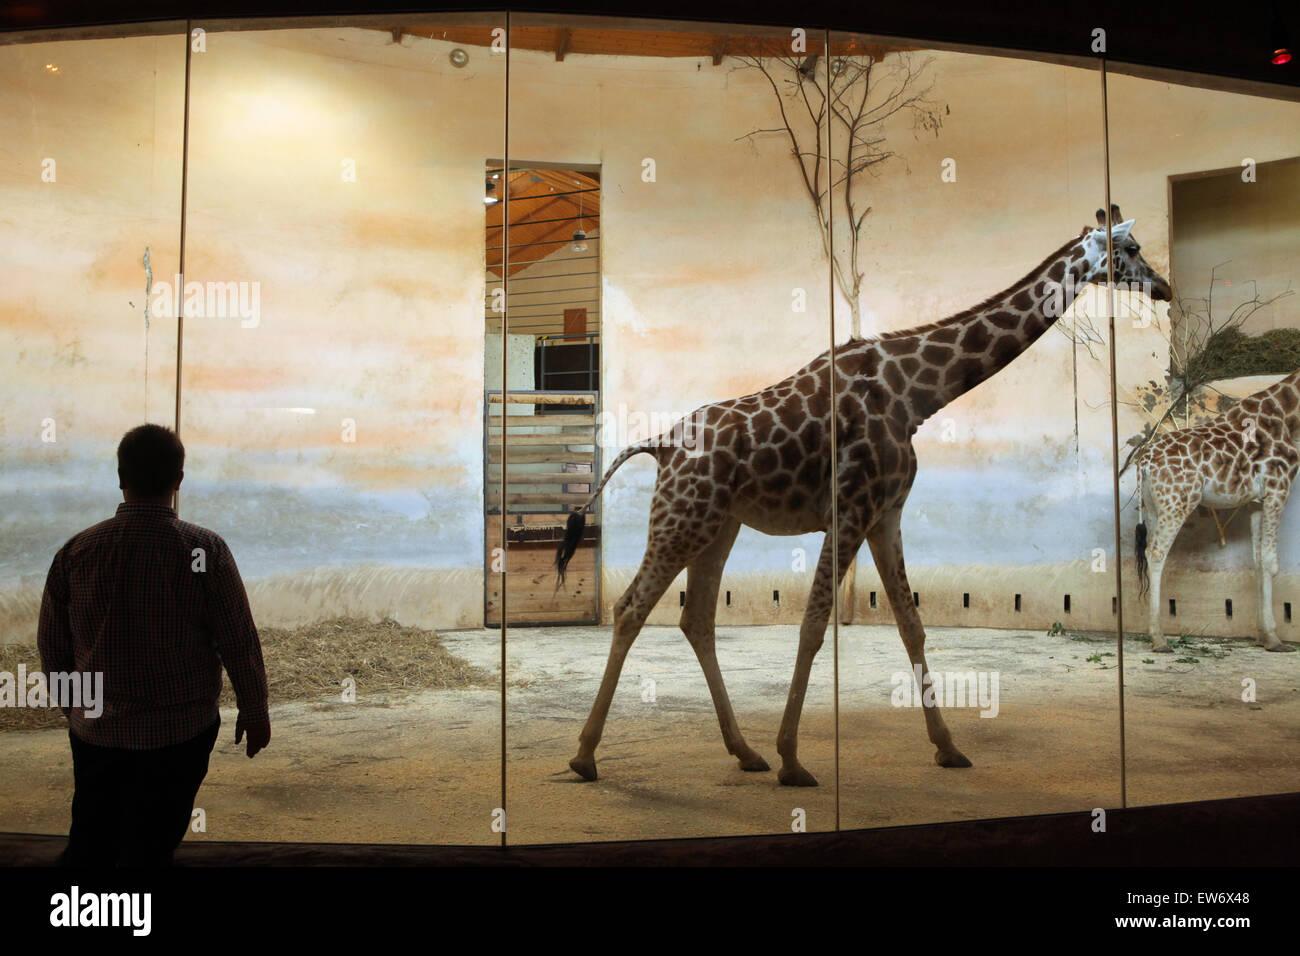 Besucher schaut der Rothschild-Giraffen (Giraffa Plancius Rothschildi) im Zoo von Prag, Tschechische Republik. Stockbild